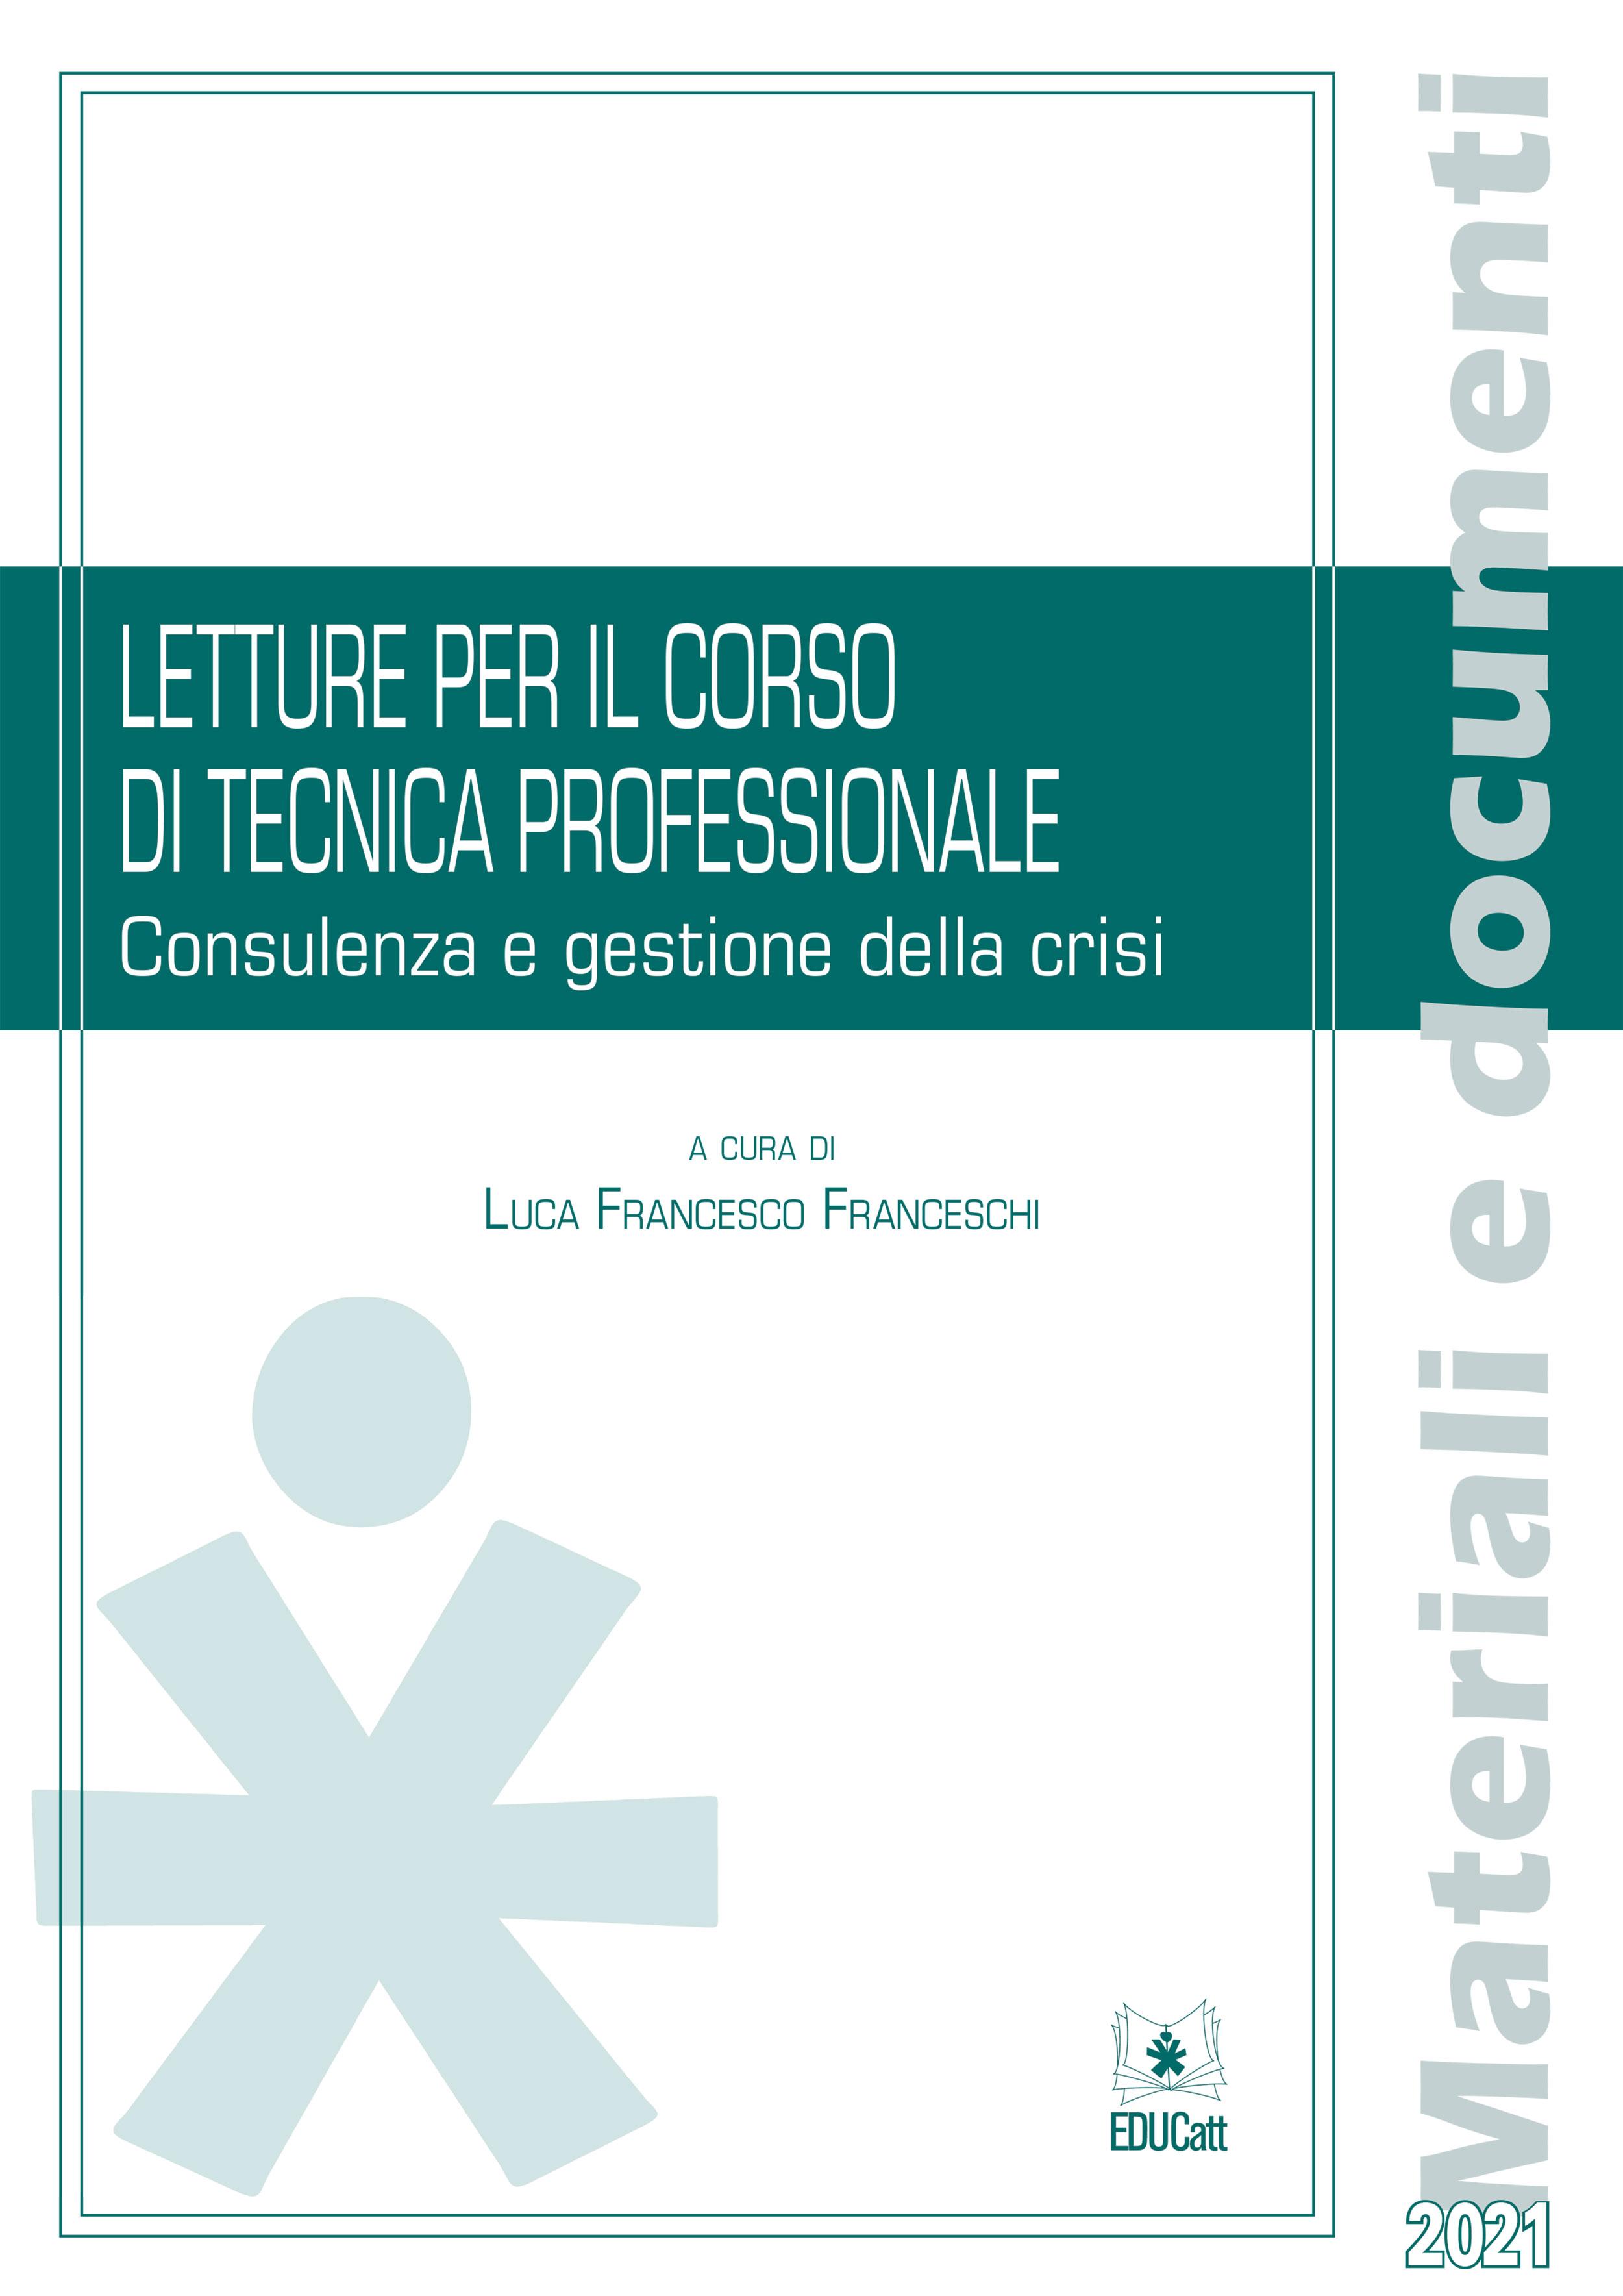 LETTURE PER IL CORSO DI TECNICA PROFESSIONALE 2021